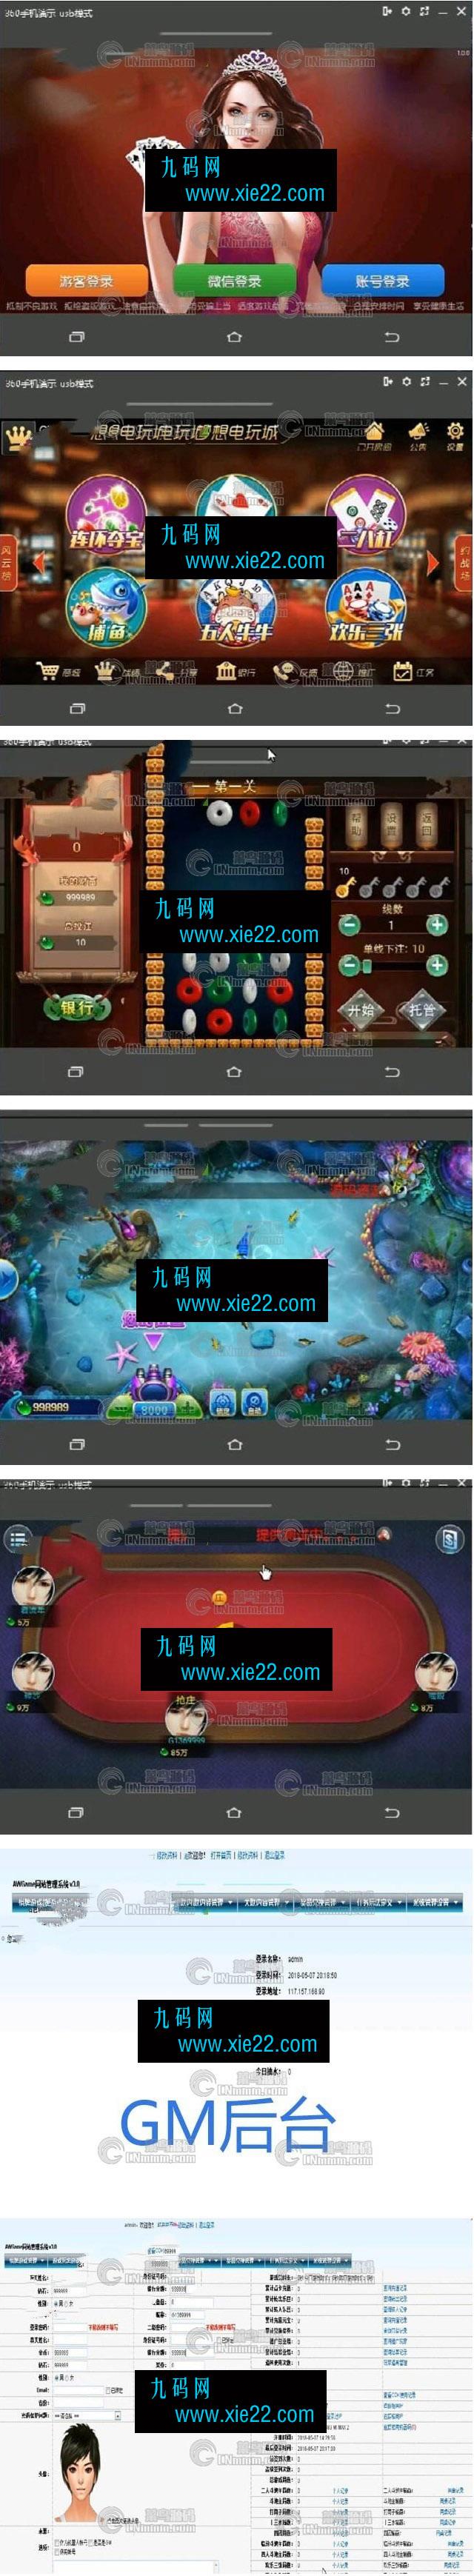 【梦想电玩城】半一键端+授权工具含25款子游戏+后台+会员视频教程+安卓苹果端